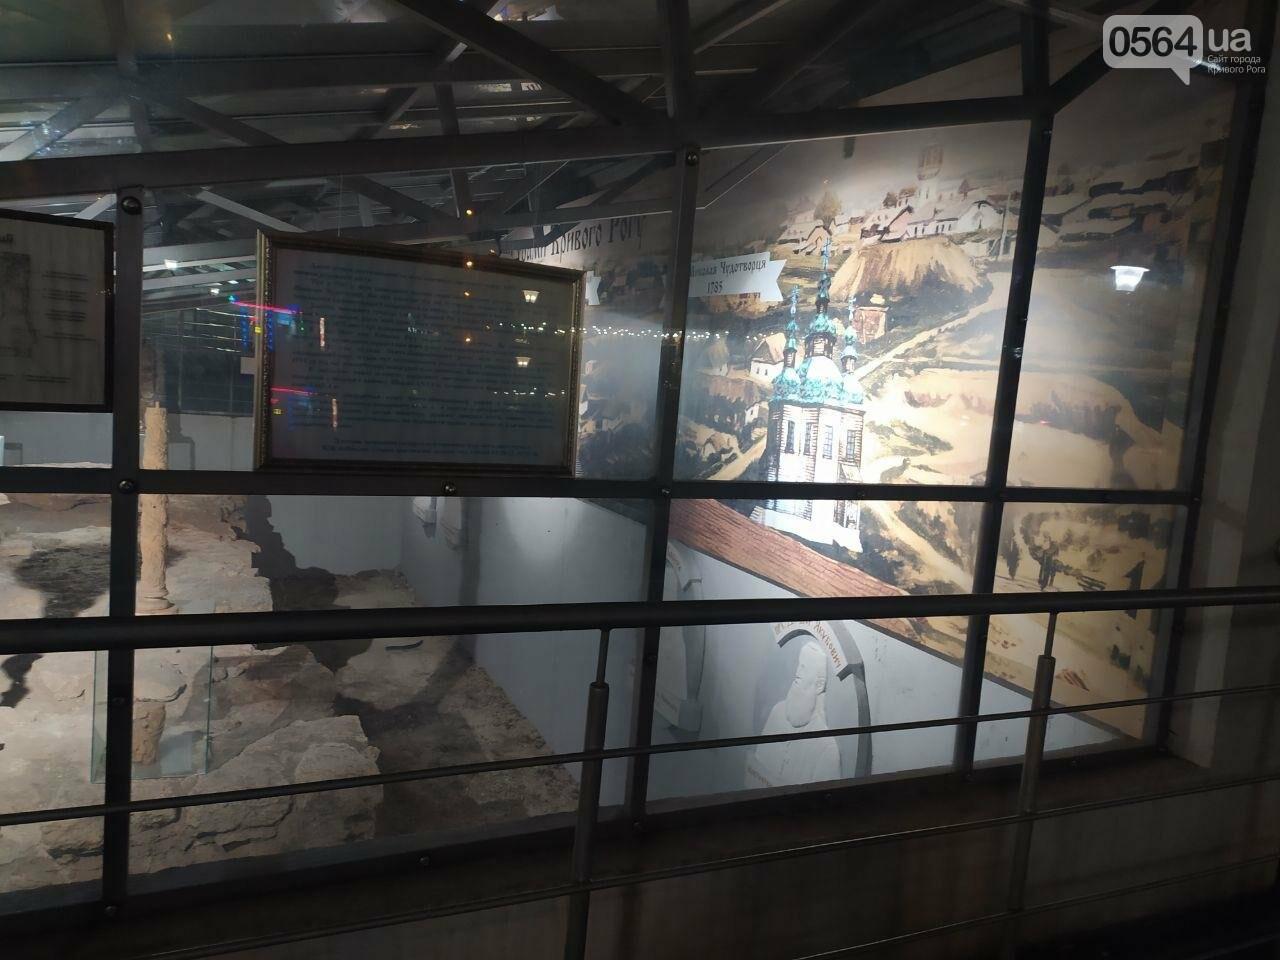 Информация о краже из музейной экспозиции в Кривом Роге в полицию не поступала. Правоохранители начали проверку, - ФОТО, фото-2